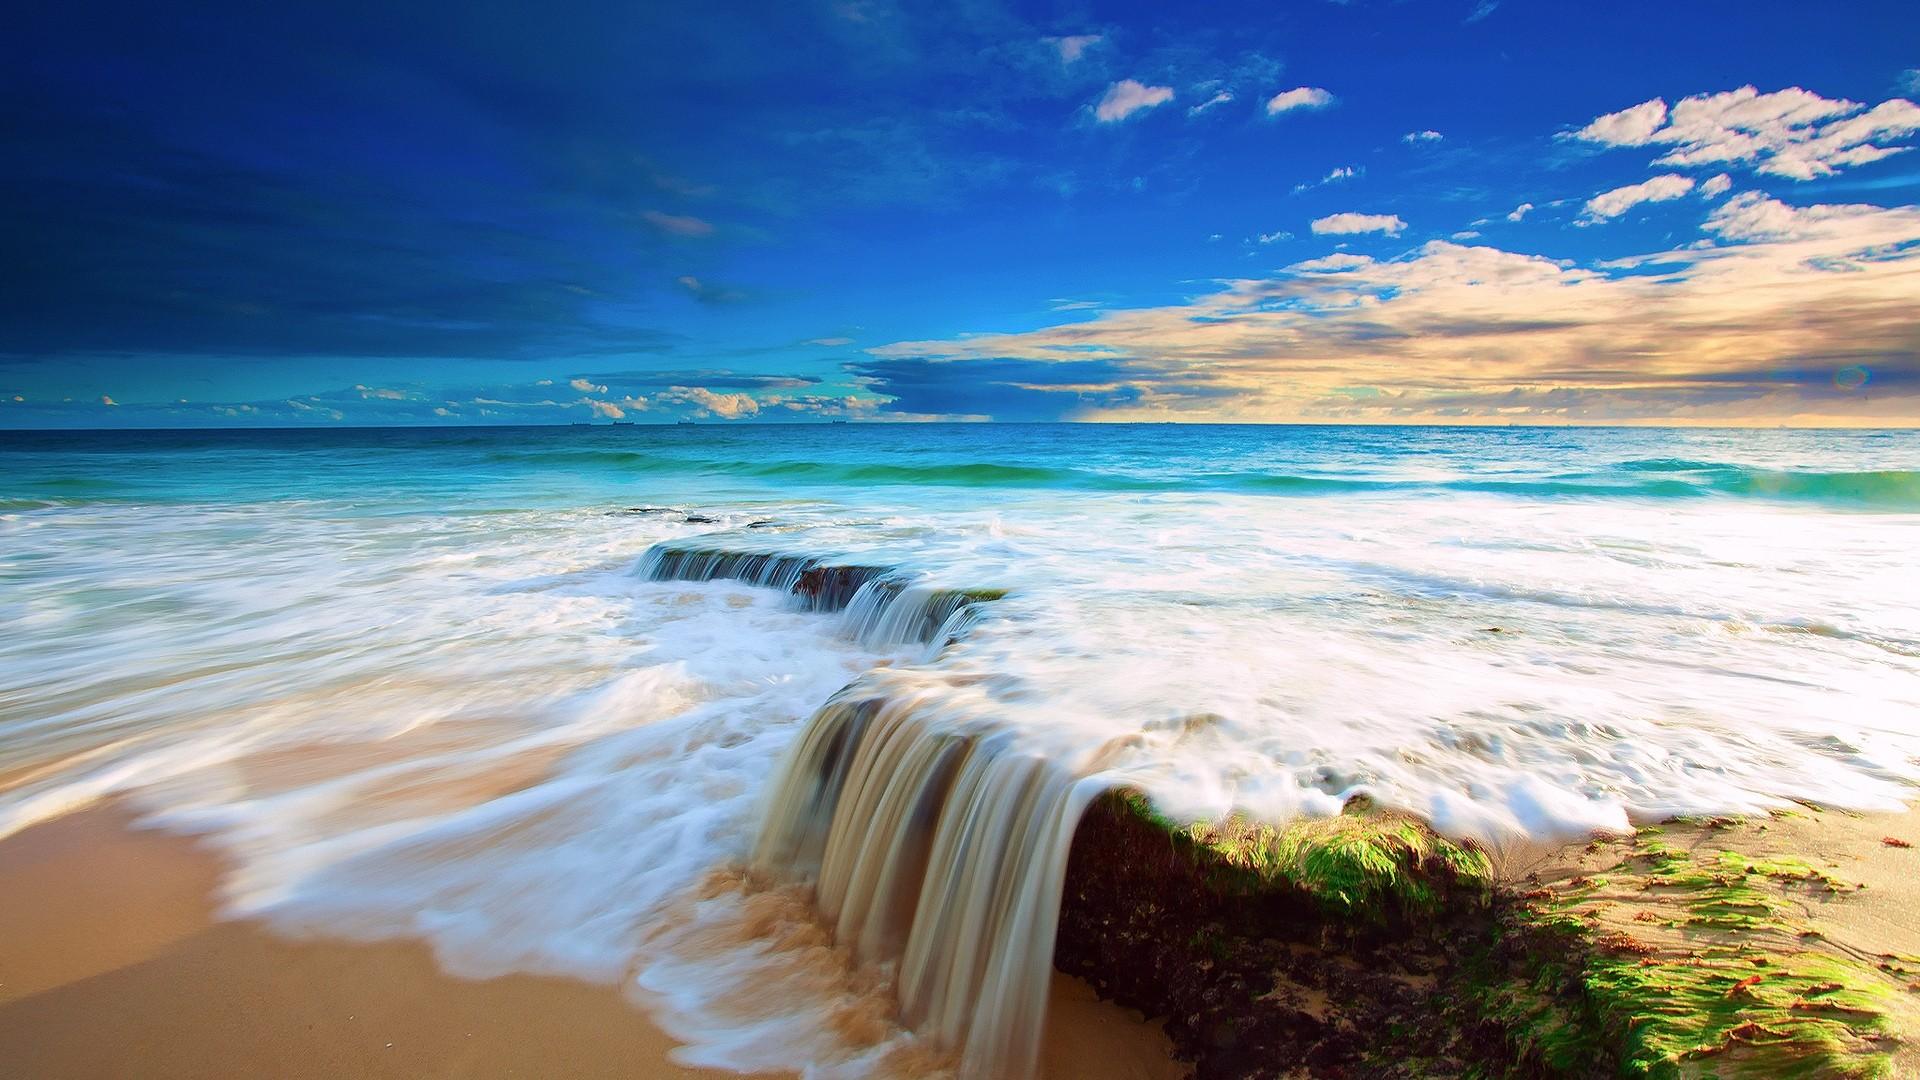 Ocean Nature HD Wallpaper